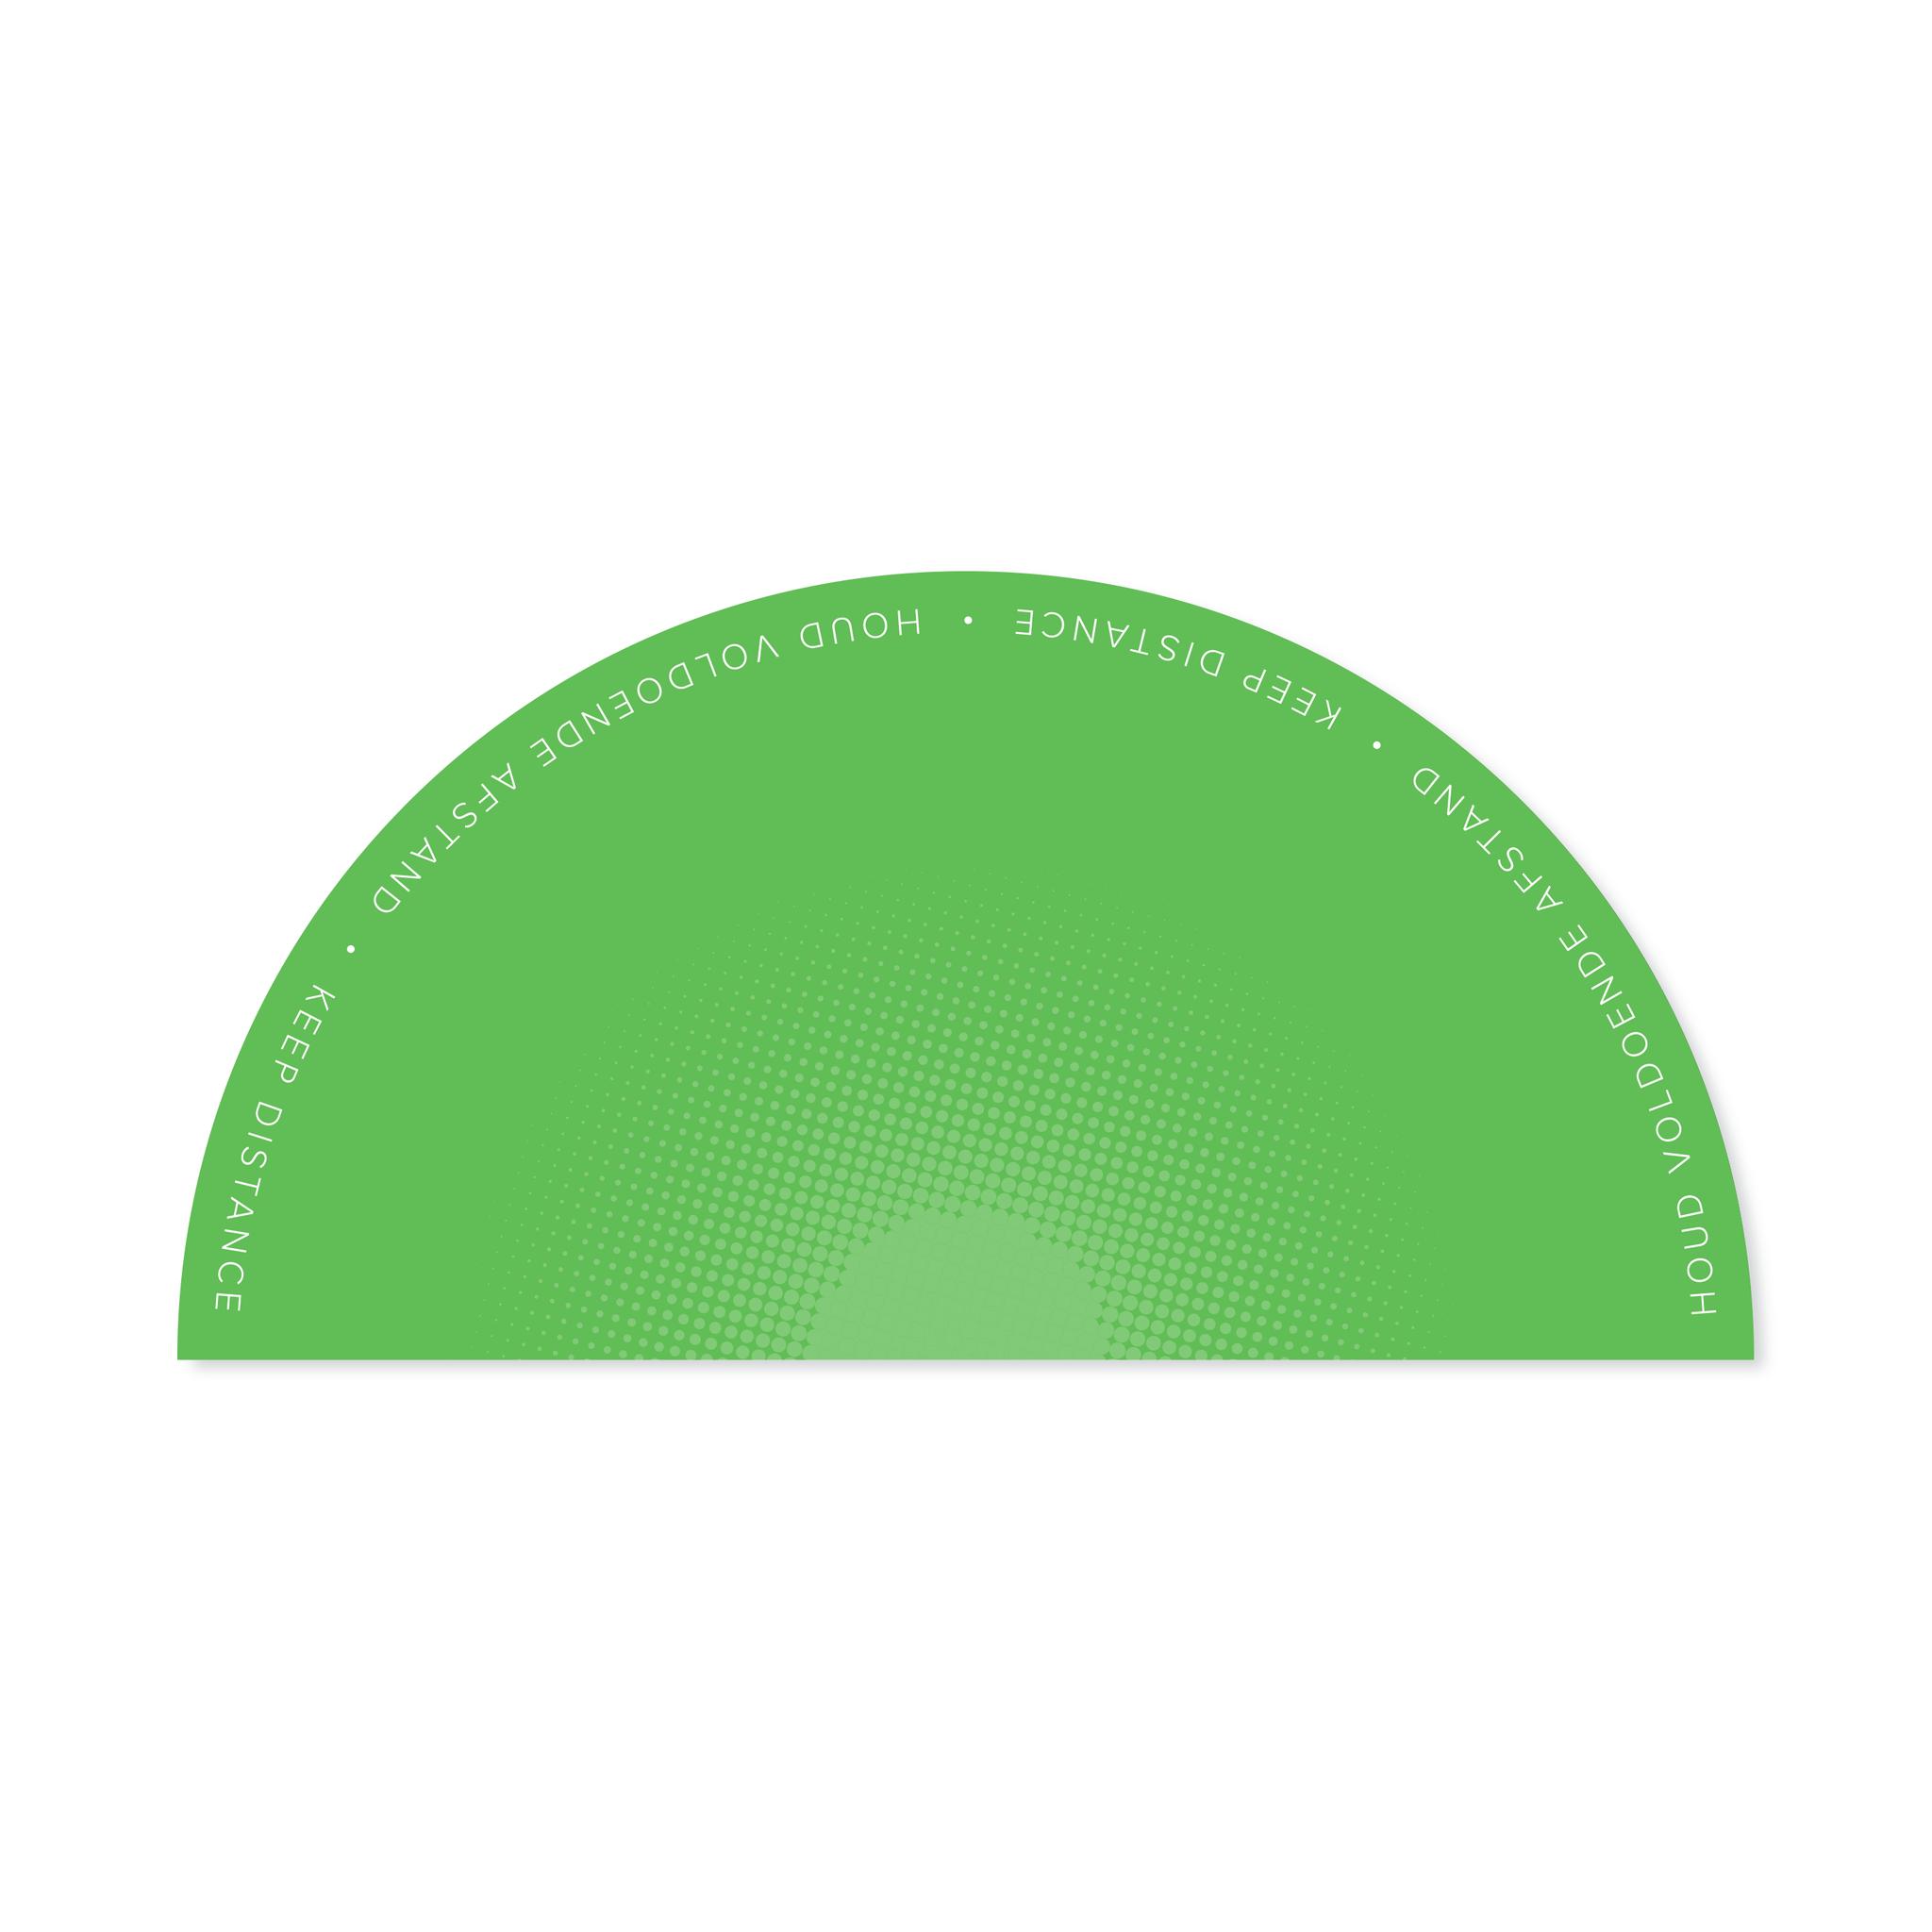 Piso de trabajo de tela, medio círculo de 1,5 metros